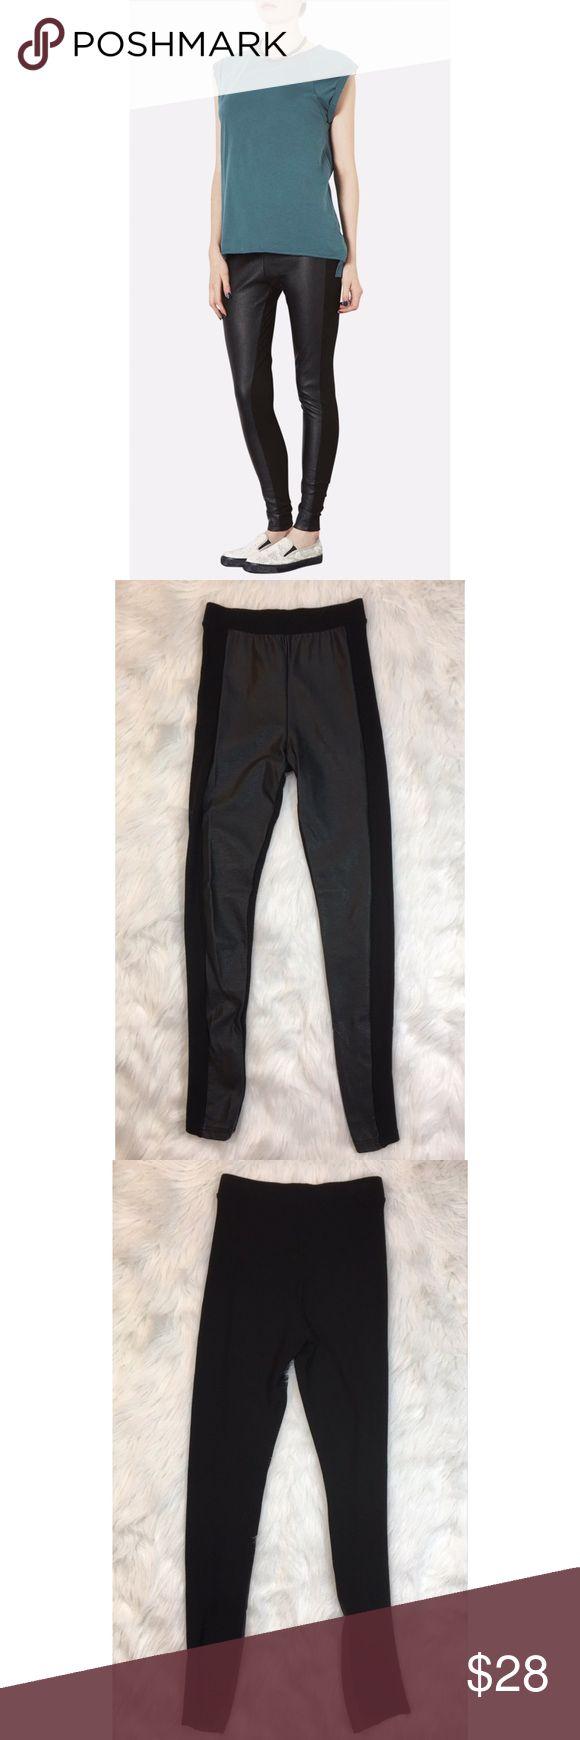 """Topshop Leggings Faux Leather Front Panel Size 6 Color is black Faux leather front panel 77% polyester 19% viscose 4% elastane  Inseam is 28""""  Excellent condition 011717PC275 (P1) 01/21 Topshop Pants Leggings"""